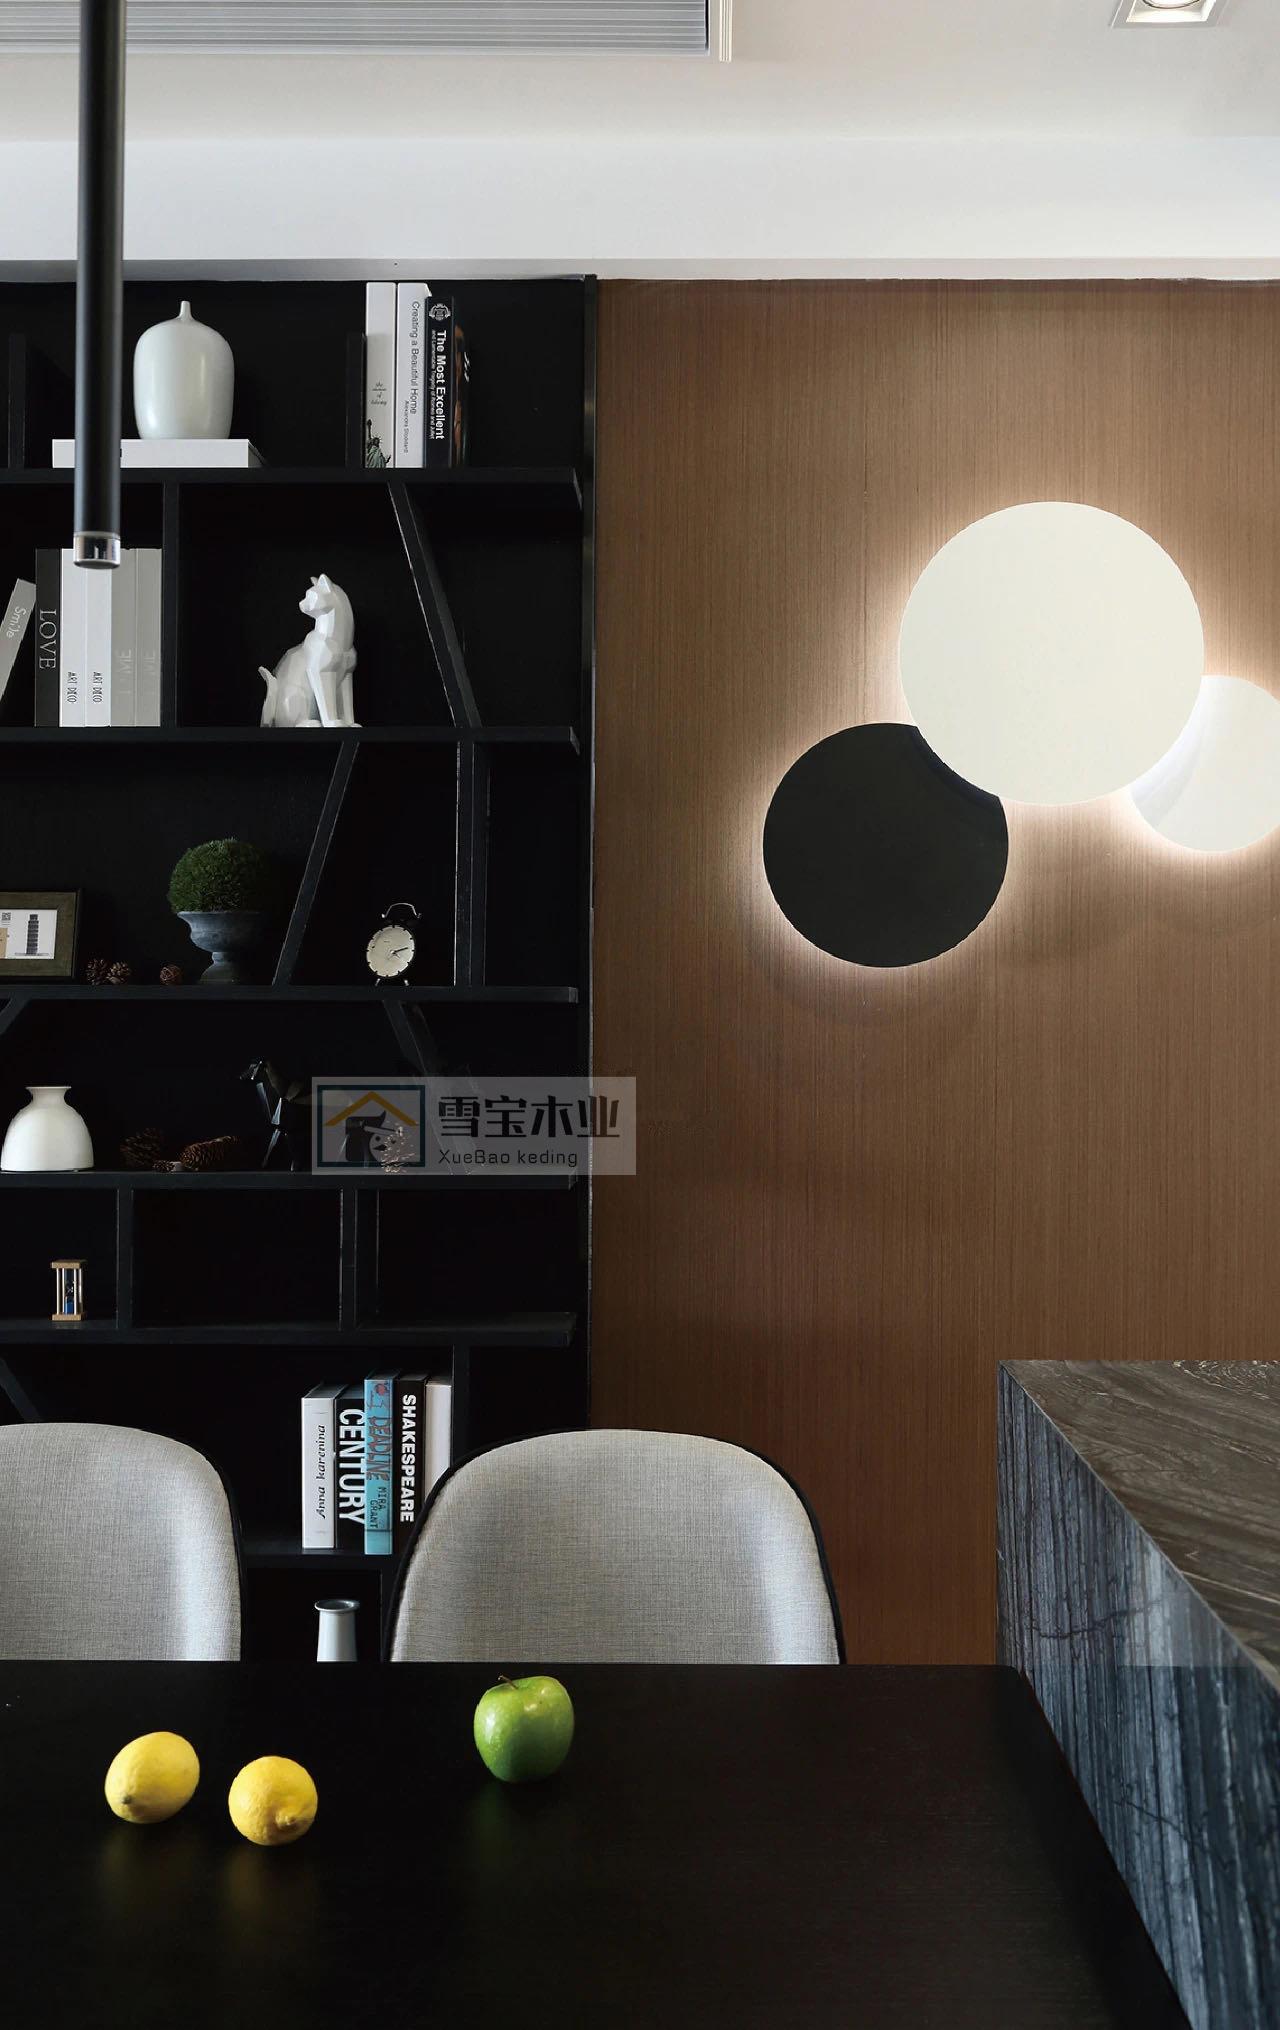 雪宝KD黄杨木直纹饰面板免漆木饰面背景墙科定板装饰板涂装木皮板